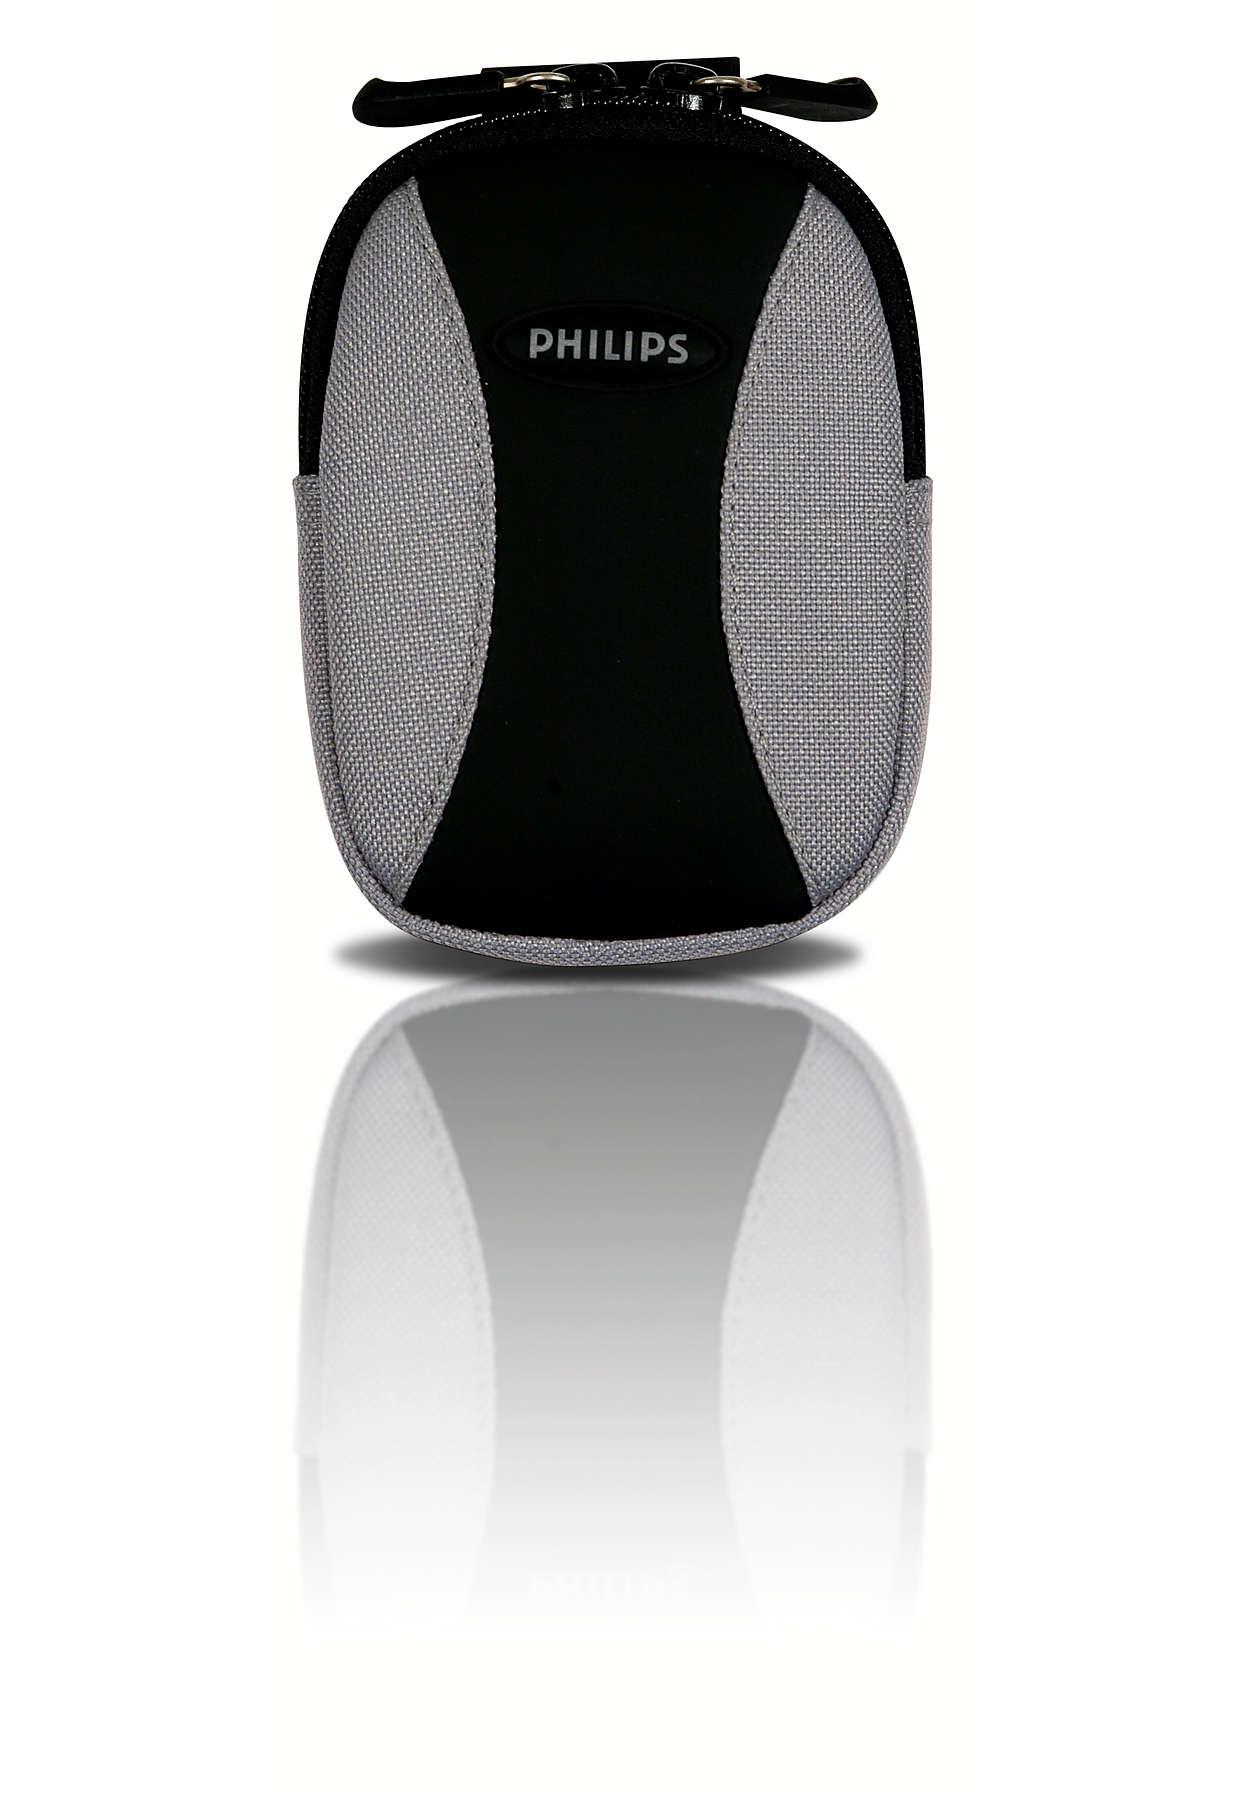 Nošení a ochrana přehrávače MP3